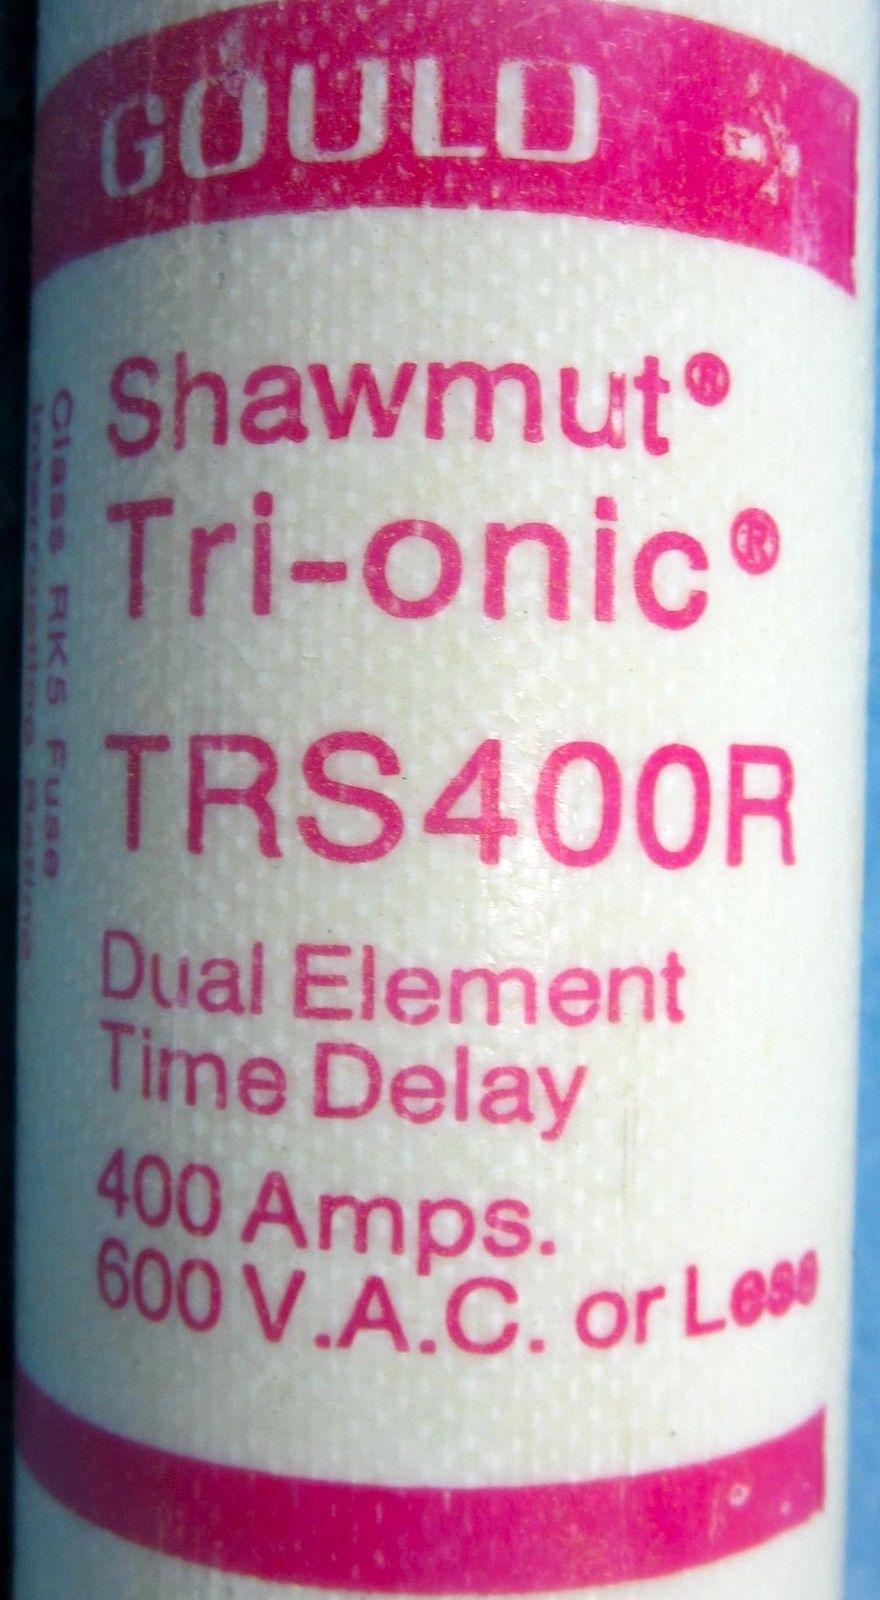 Nice Ferraz Shawmut TRS400R Amp Fuse TRS-400-R Bussmann FRS R 400  600 Volt